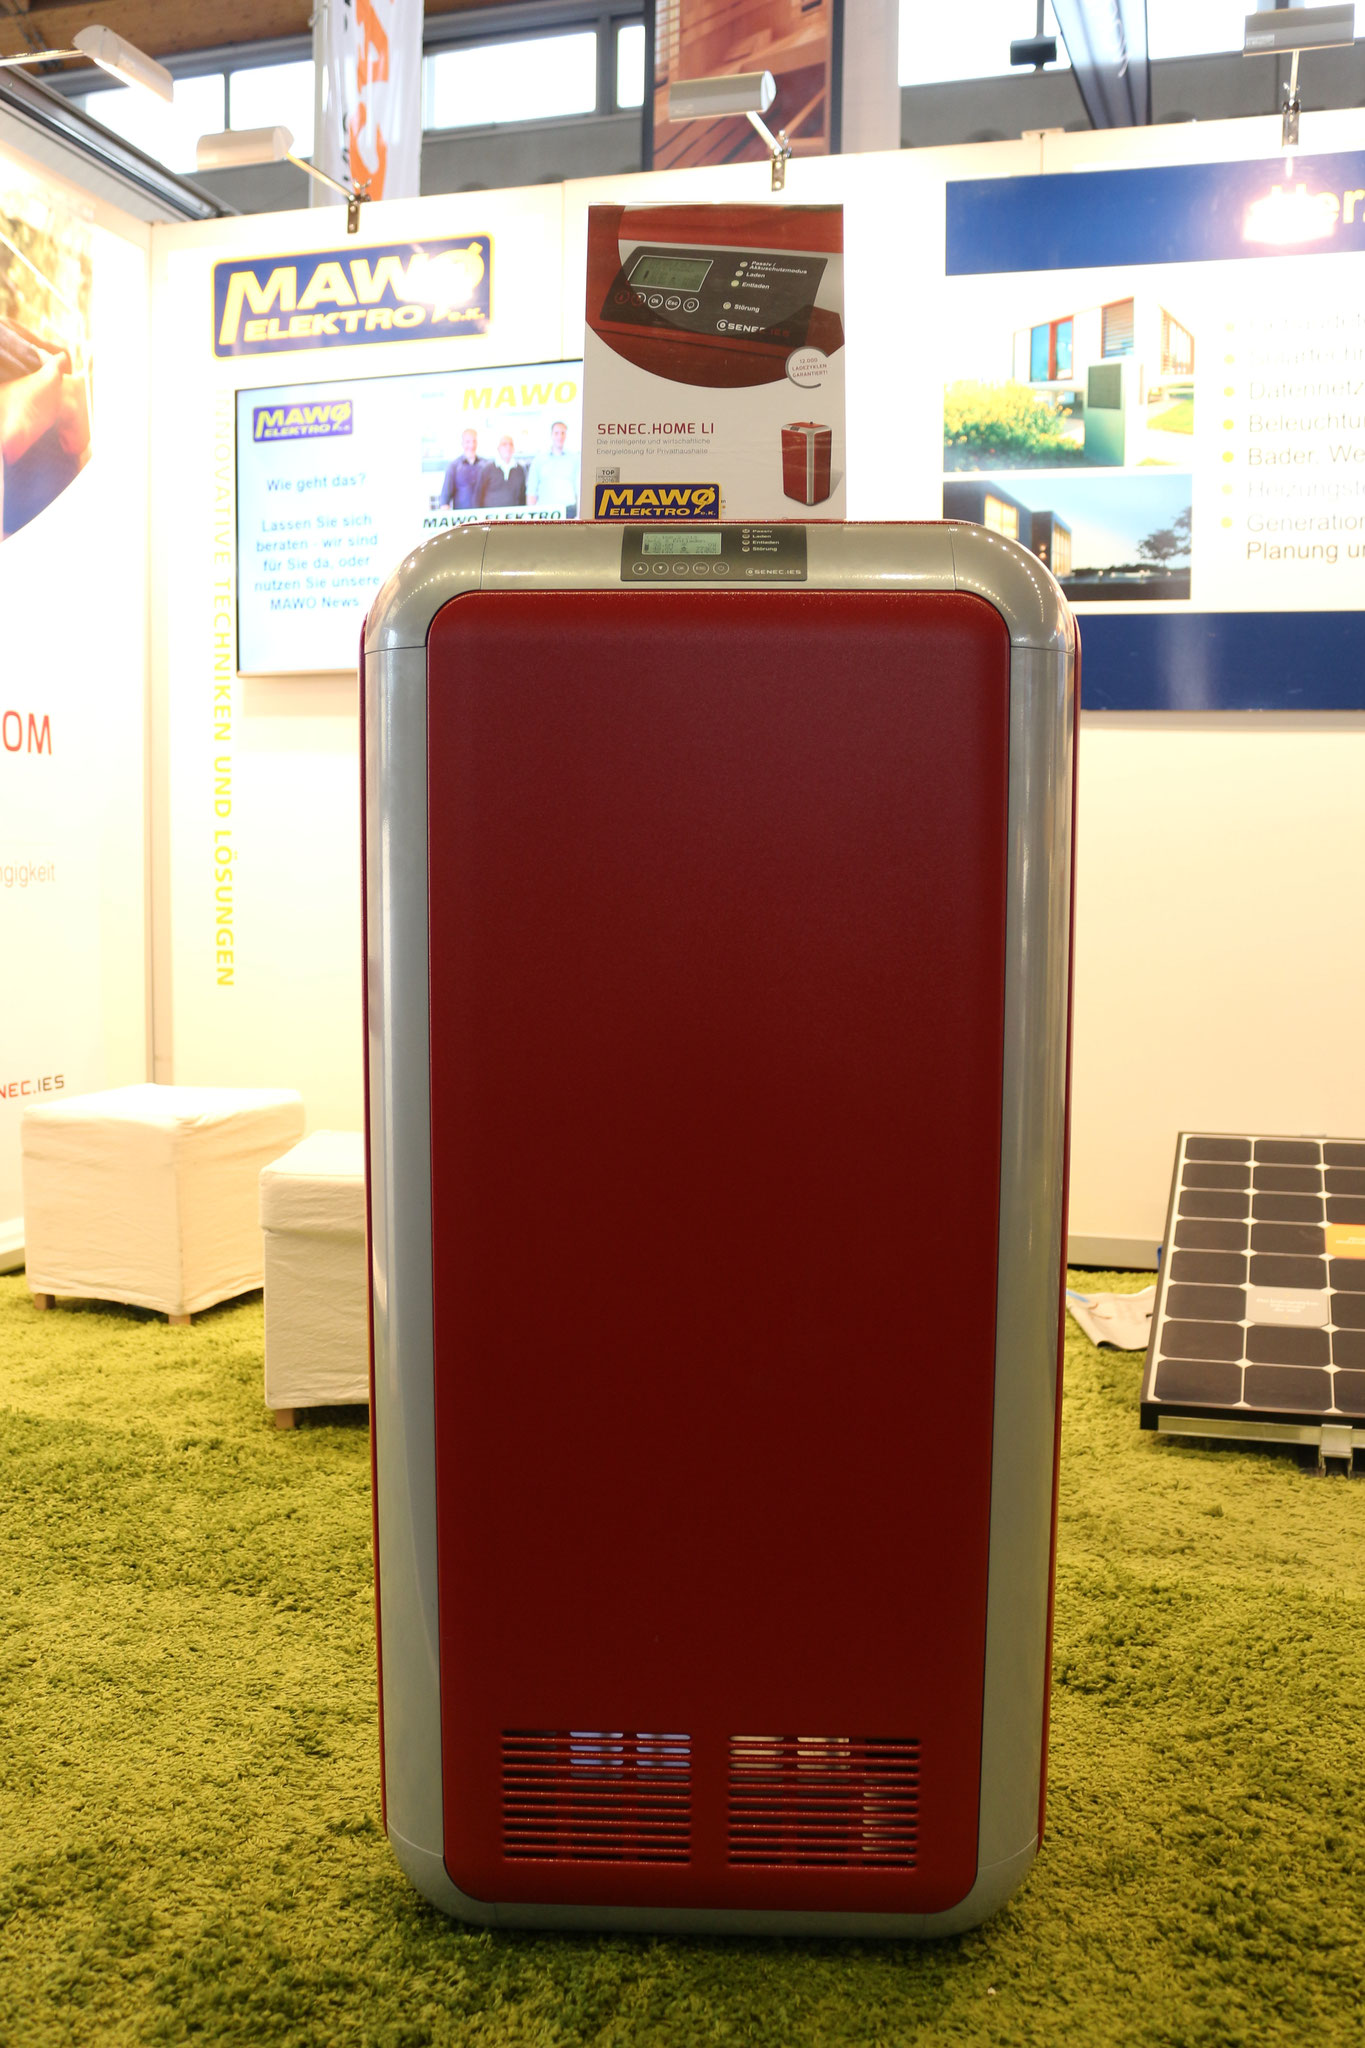 SENEC Li Speicher in der Leistung 2,5 - 10 kW